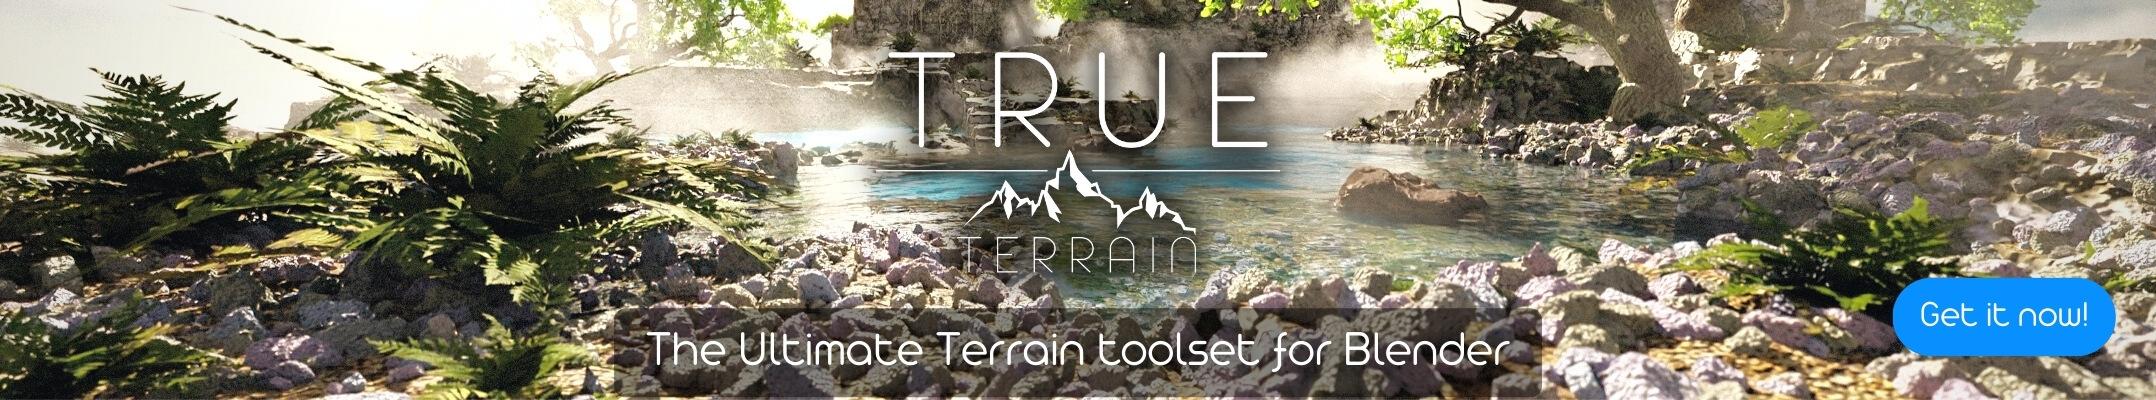 October True-Terrain B-Artists